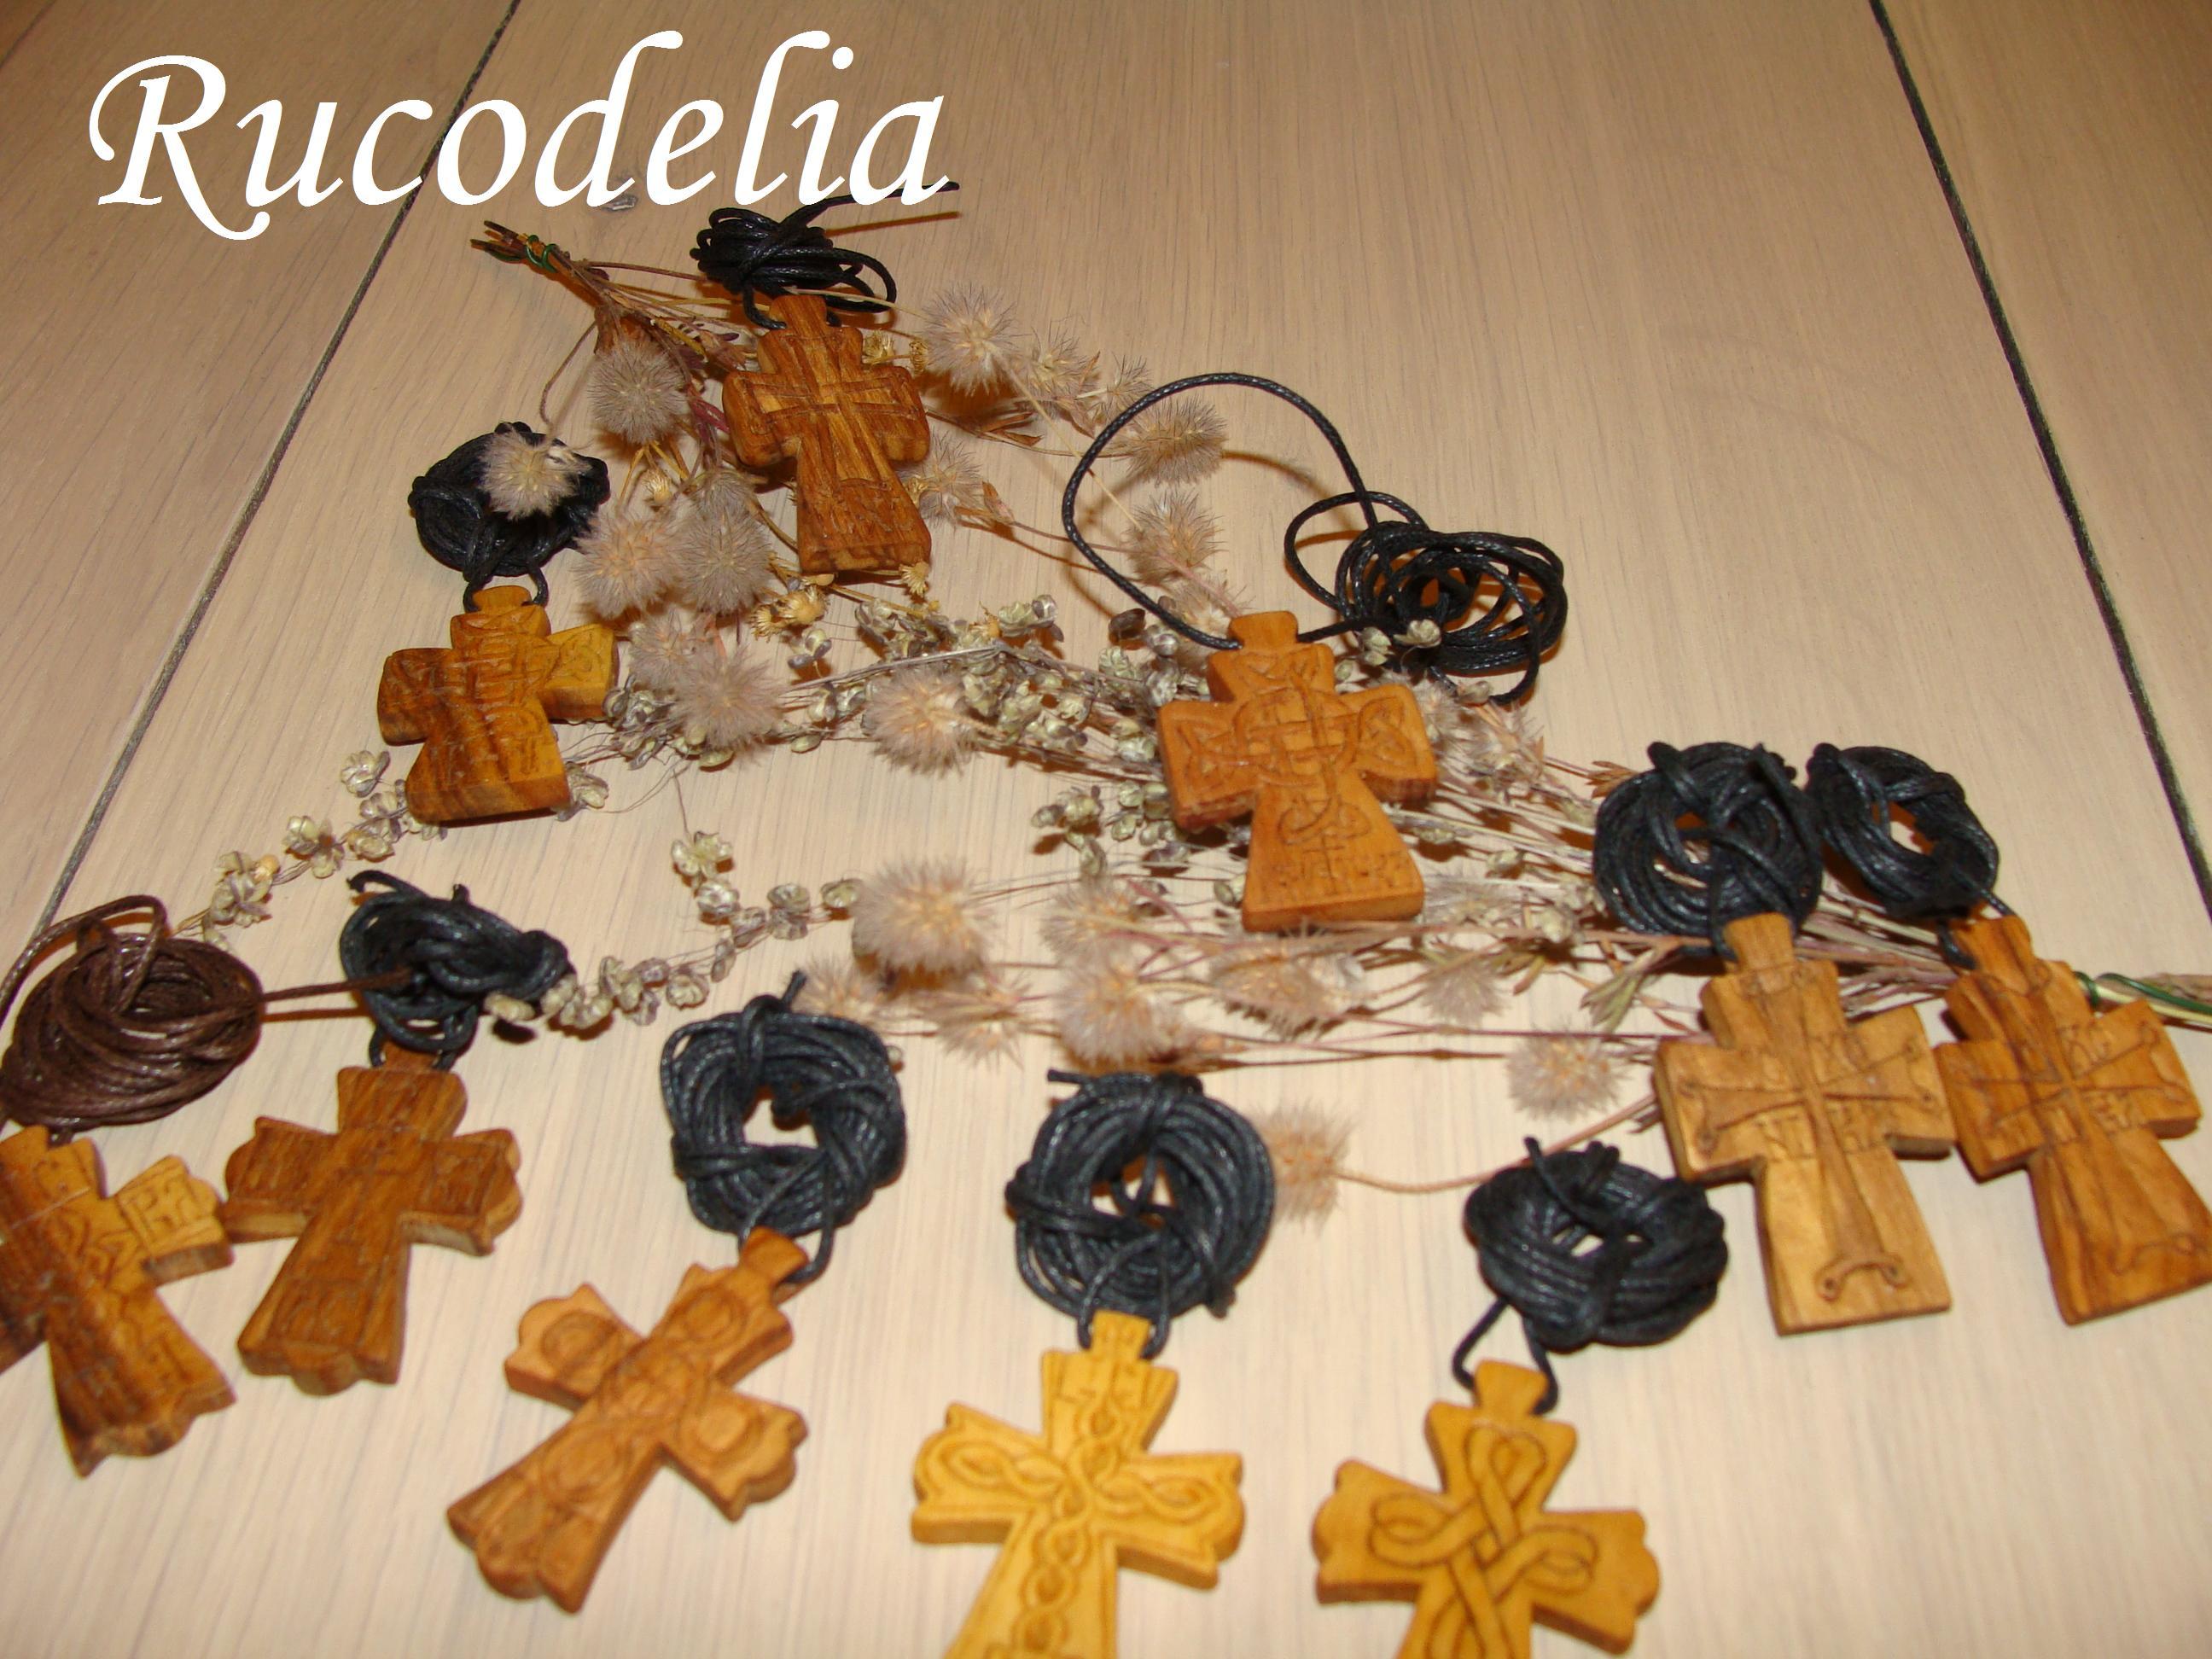 Cruci mici sculptate în lemn